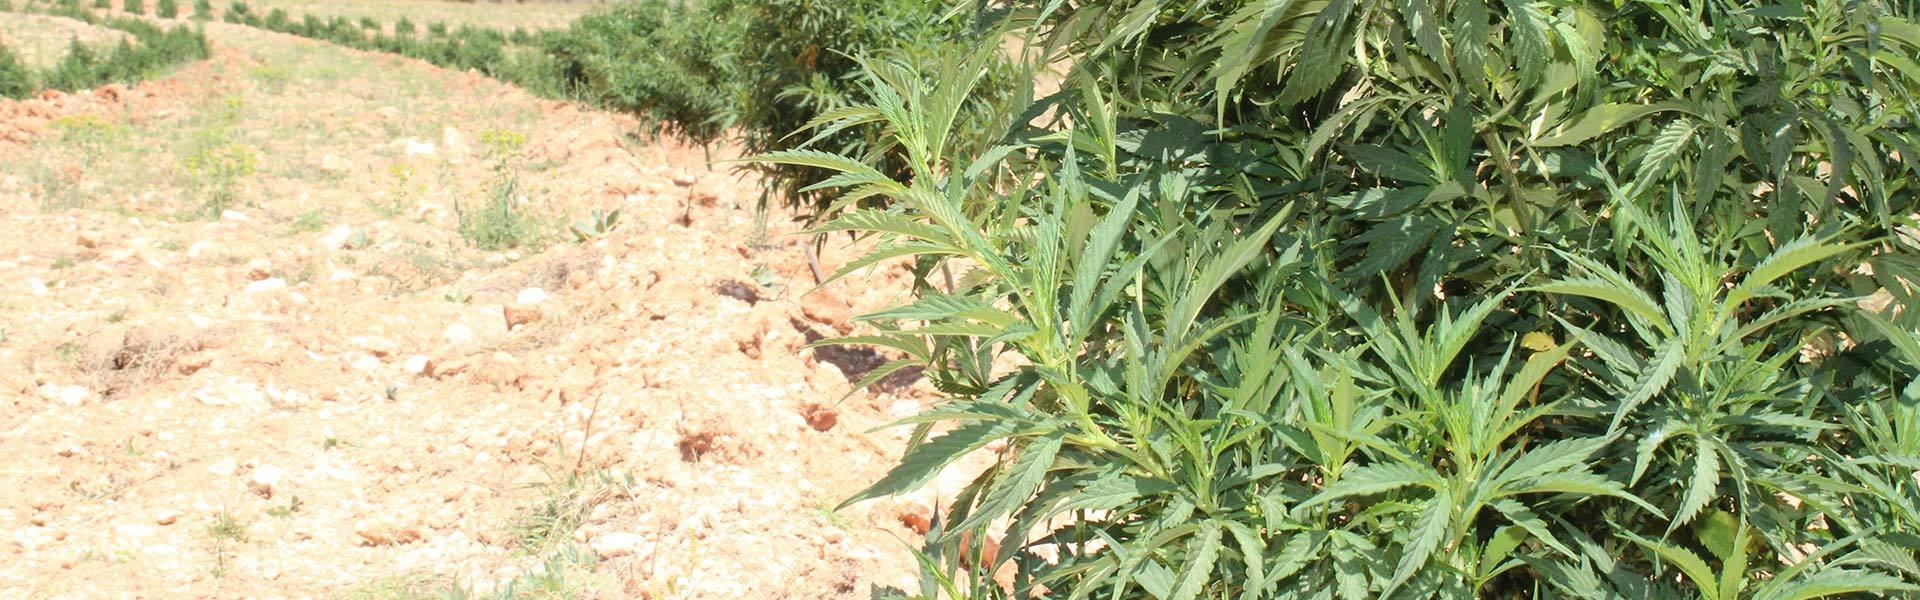 Noticias | Marihuana | Cannabis | Semillas Revolucionarias